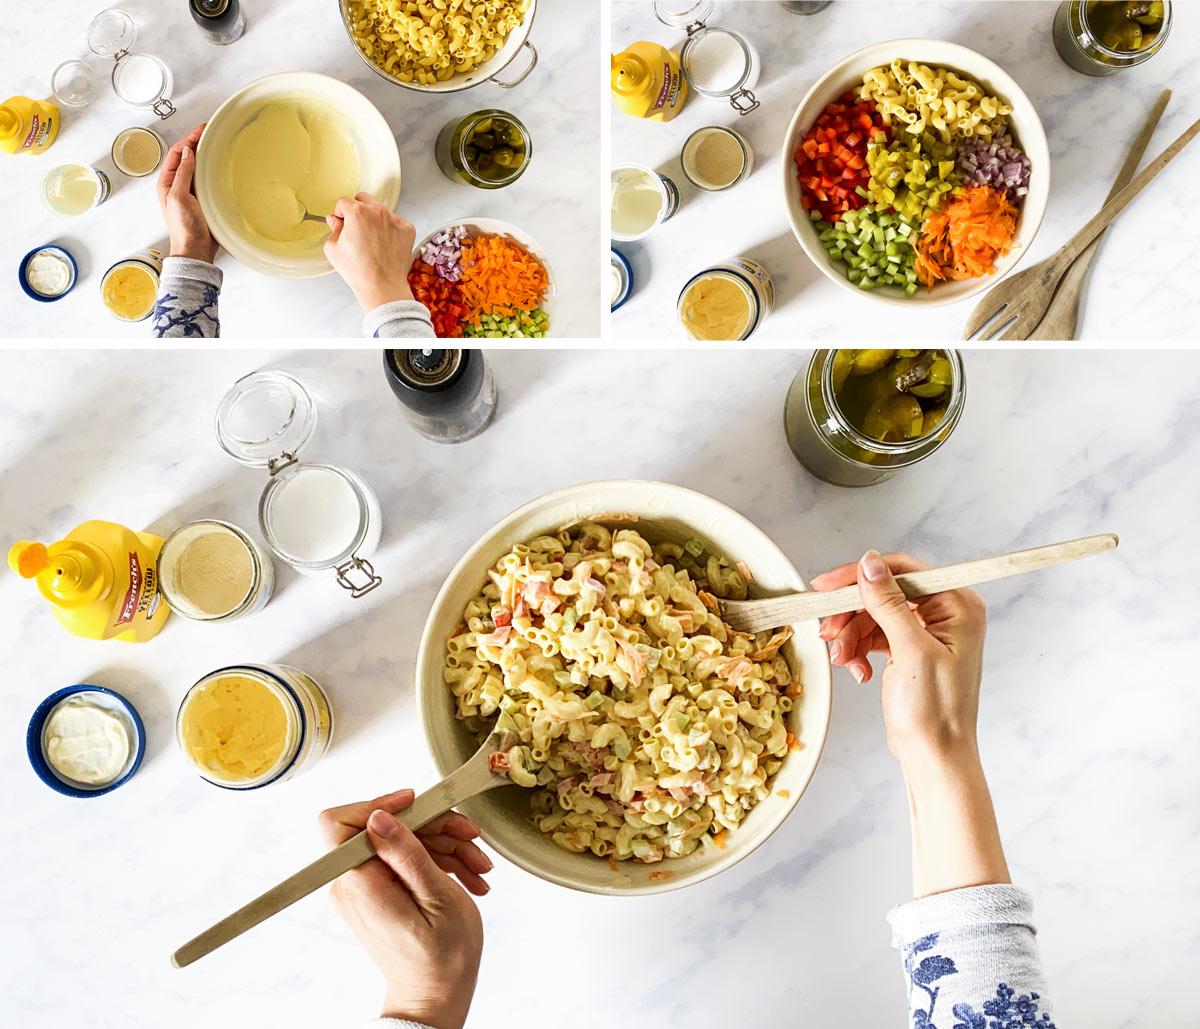 Zusammenstellung von Bildern, die die Zubereitung von Nudelsalat zeigen